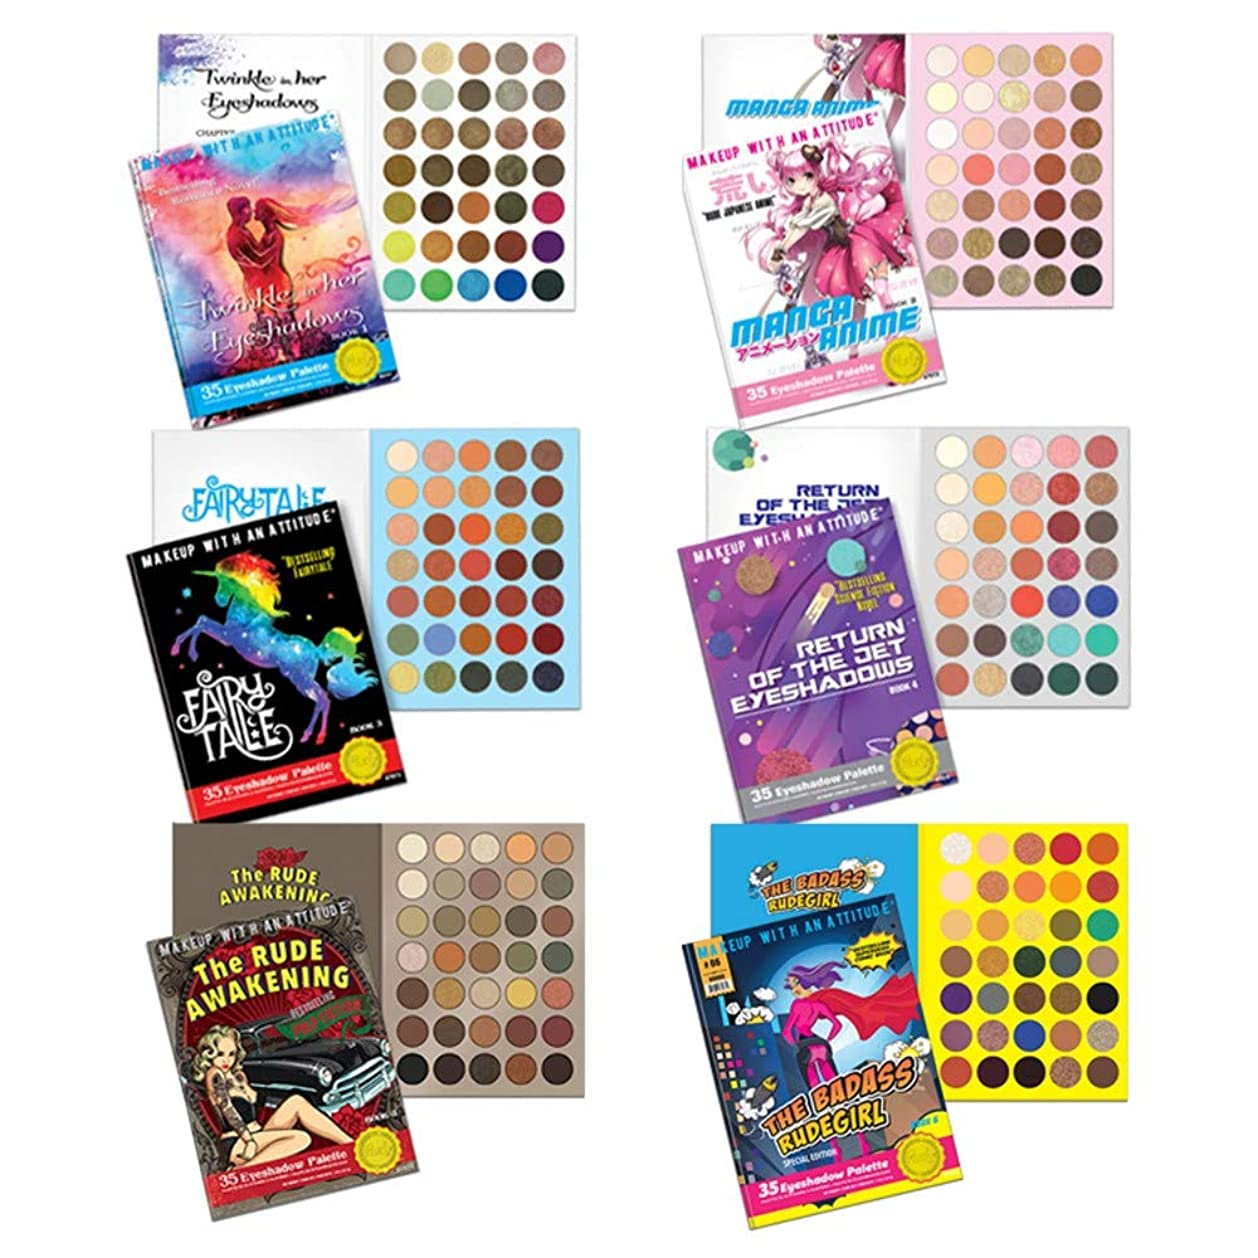 収益計り知れないライオン(6 Pack) RUDE? Book Series 6 Eyeshadow Palettes Bundle (並行輸入品)